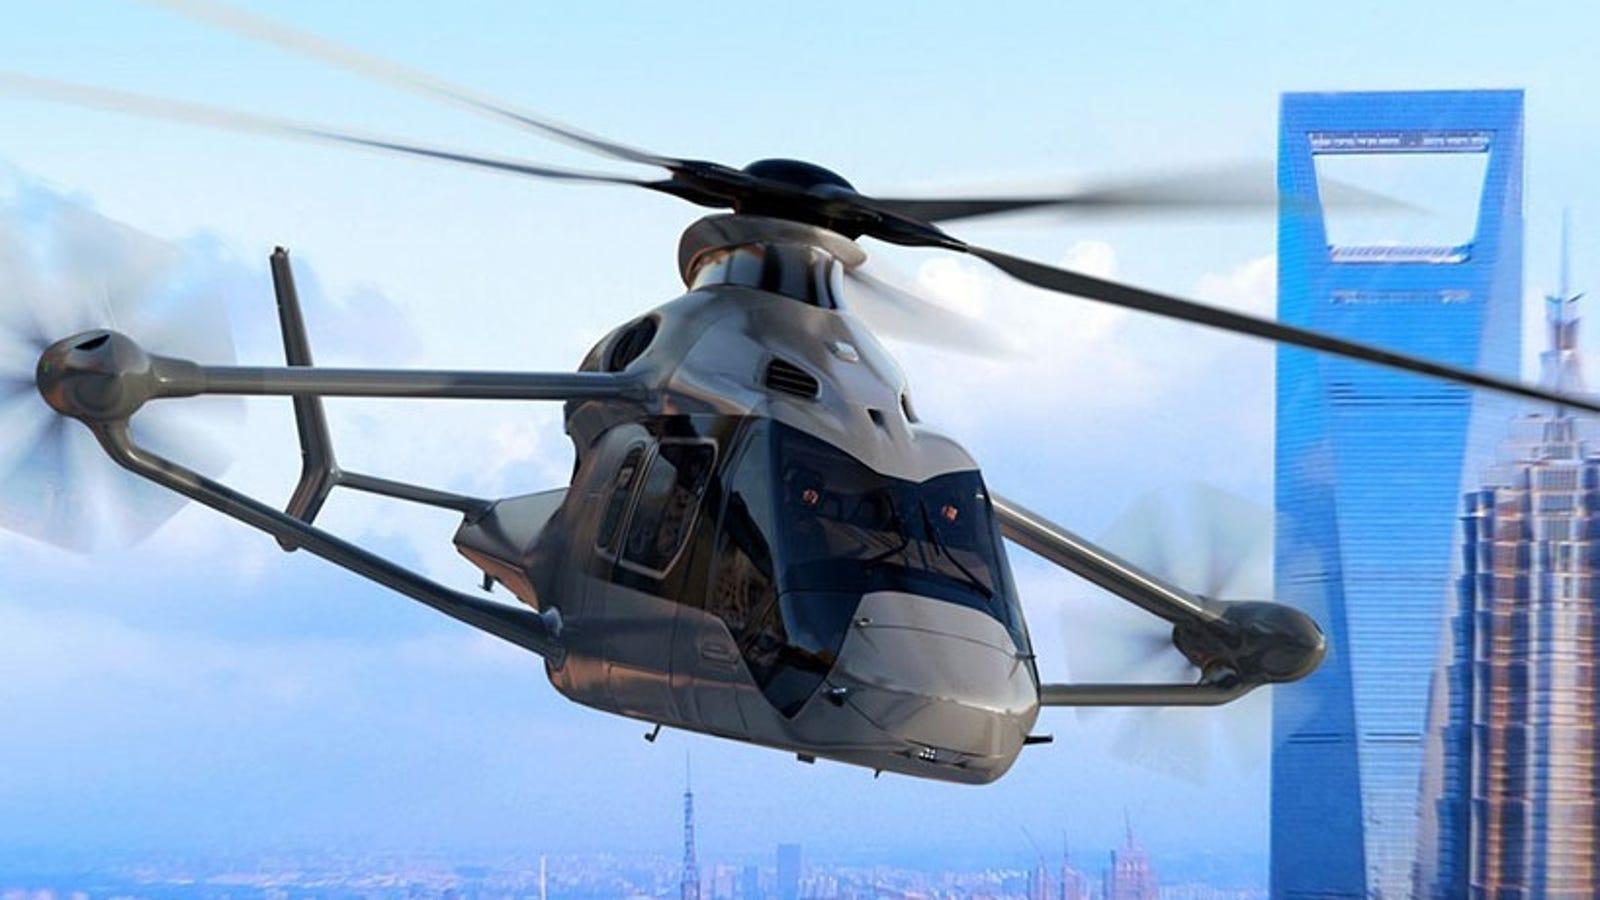 El helicóptero del futuro según Airbus tendrá alas, volará a 400 kilómetros por hora y estará listo para 2020